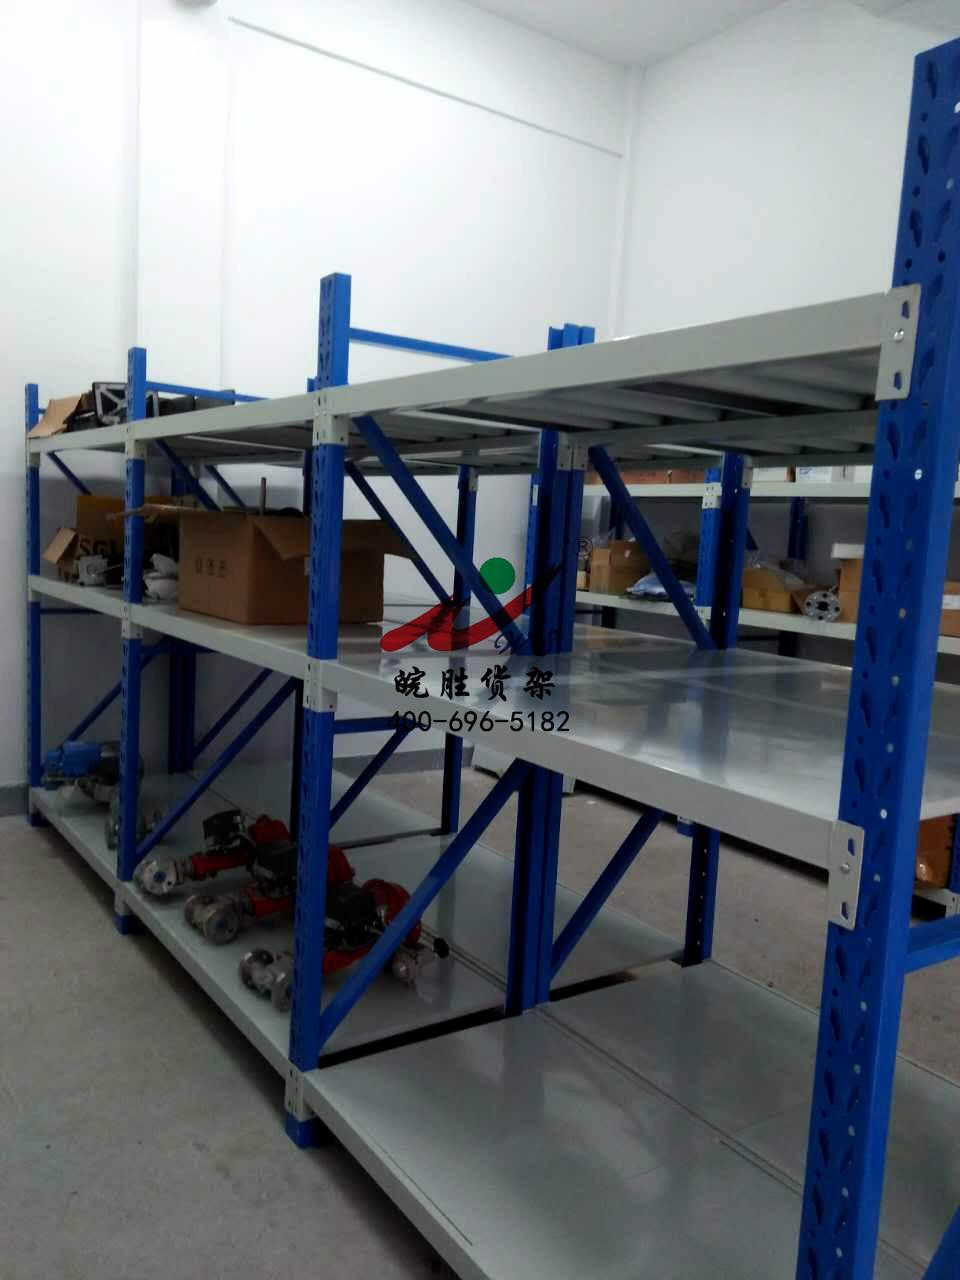 皖胜-浙江XX电子科技有限公司 悬臂货架 重型货架 中型货架